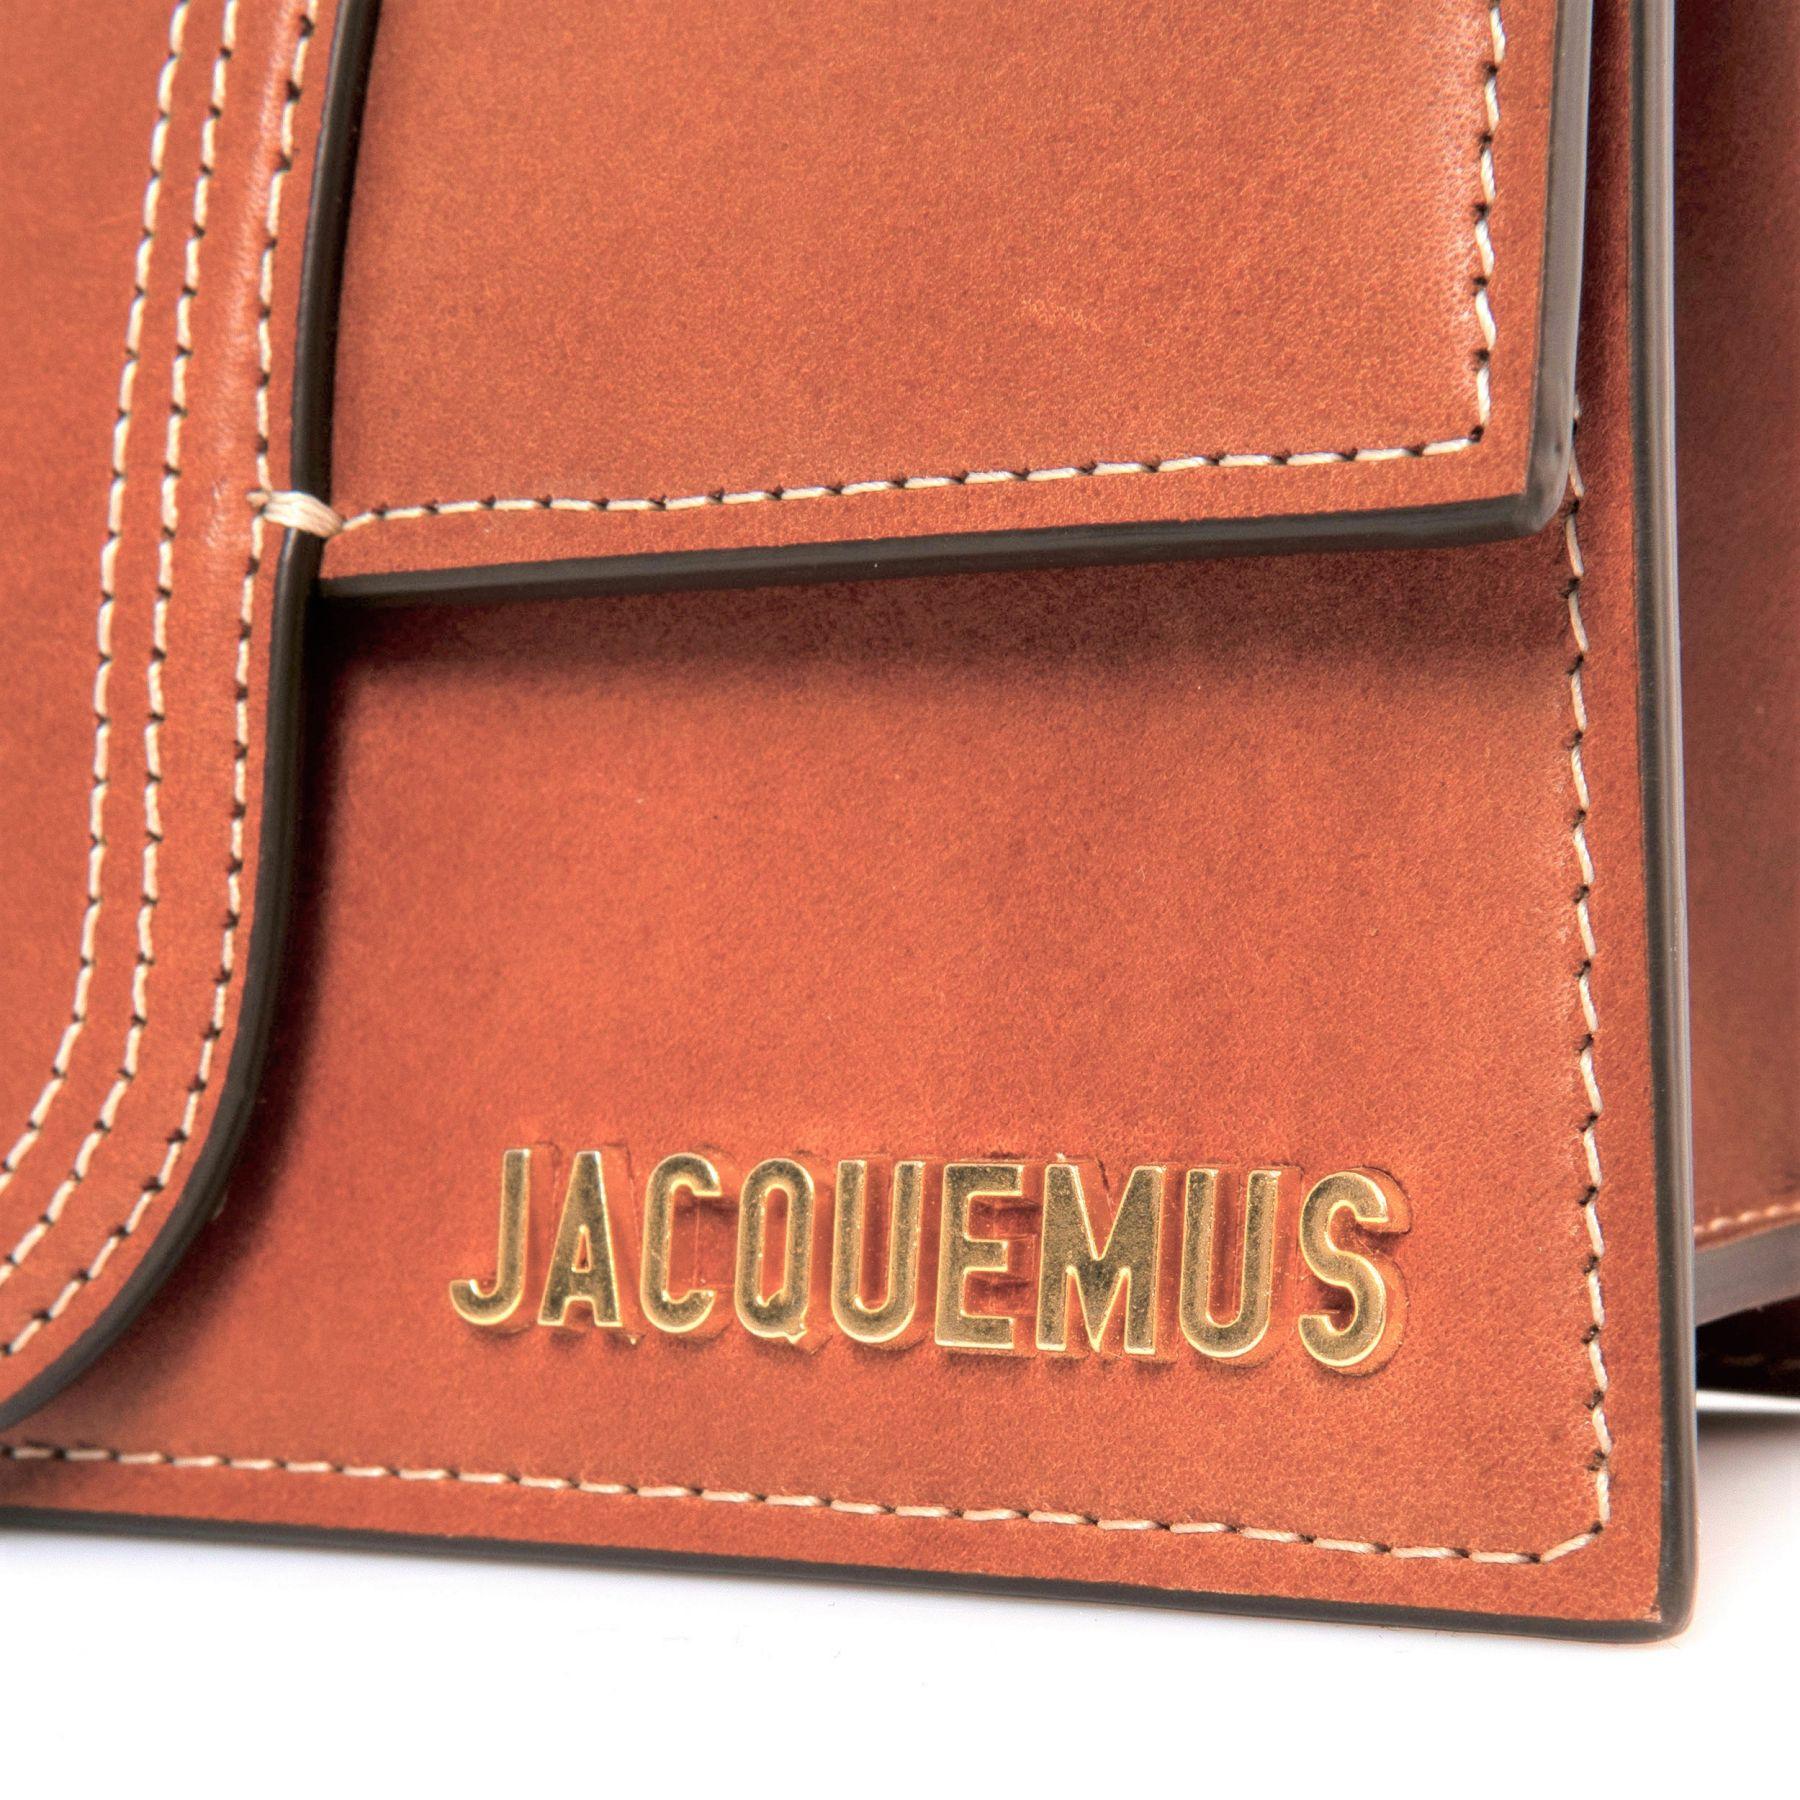 Сумка Jacquemus Le Bambino коричневая